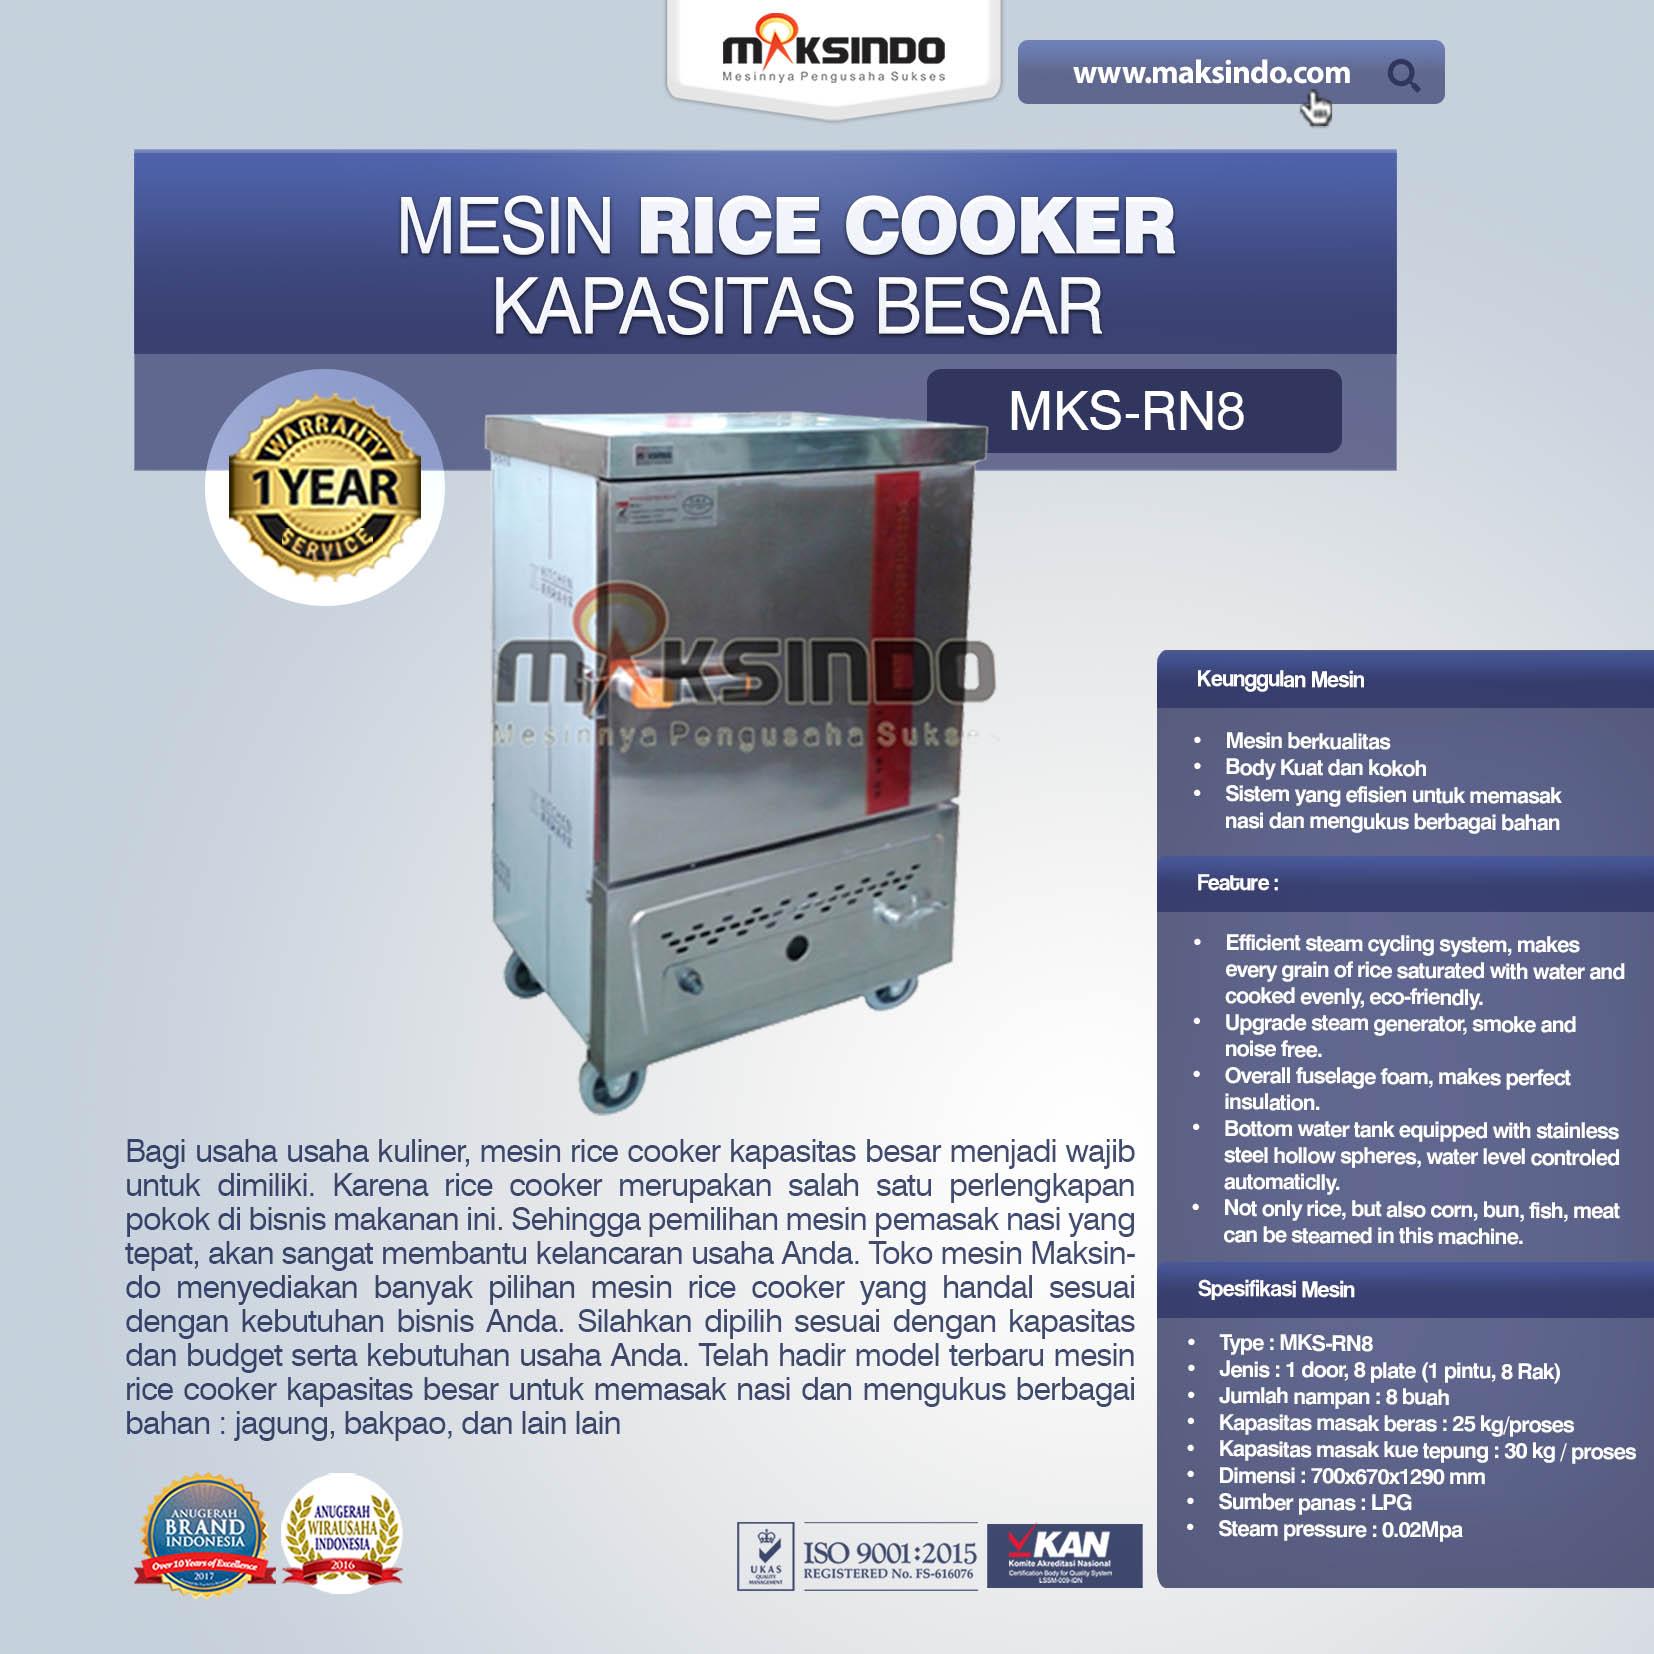 Jual Rice Cooker Kapasitas Besar 25 kg 8 Rak di Medan